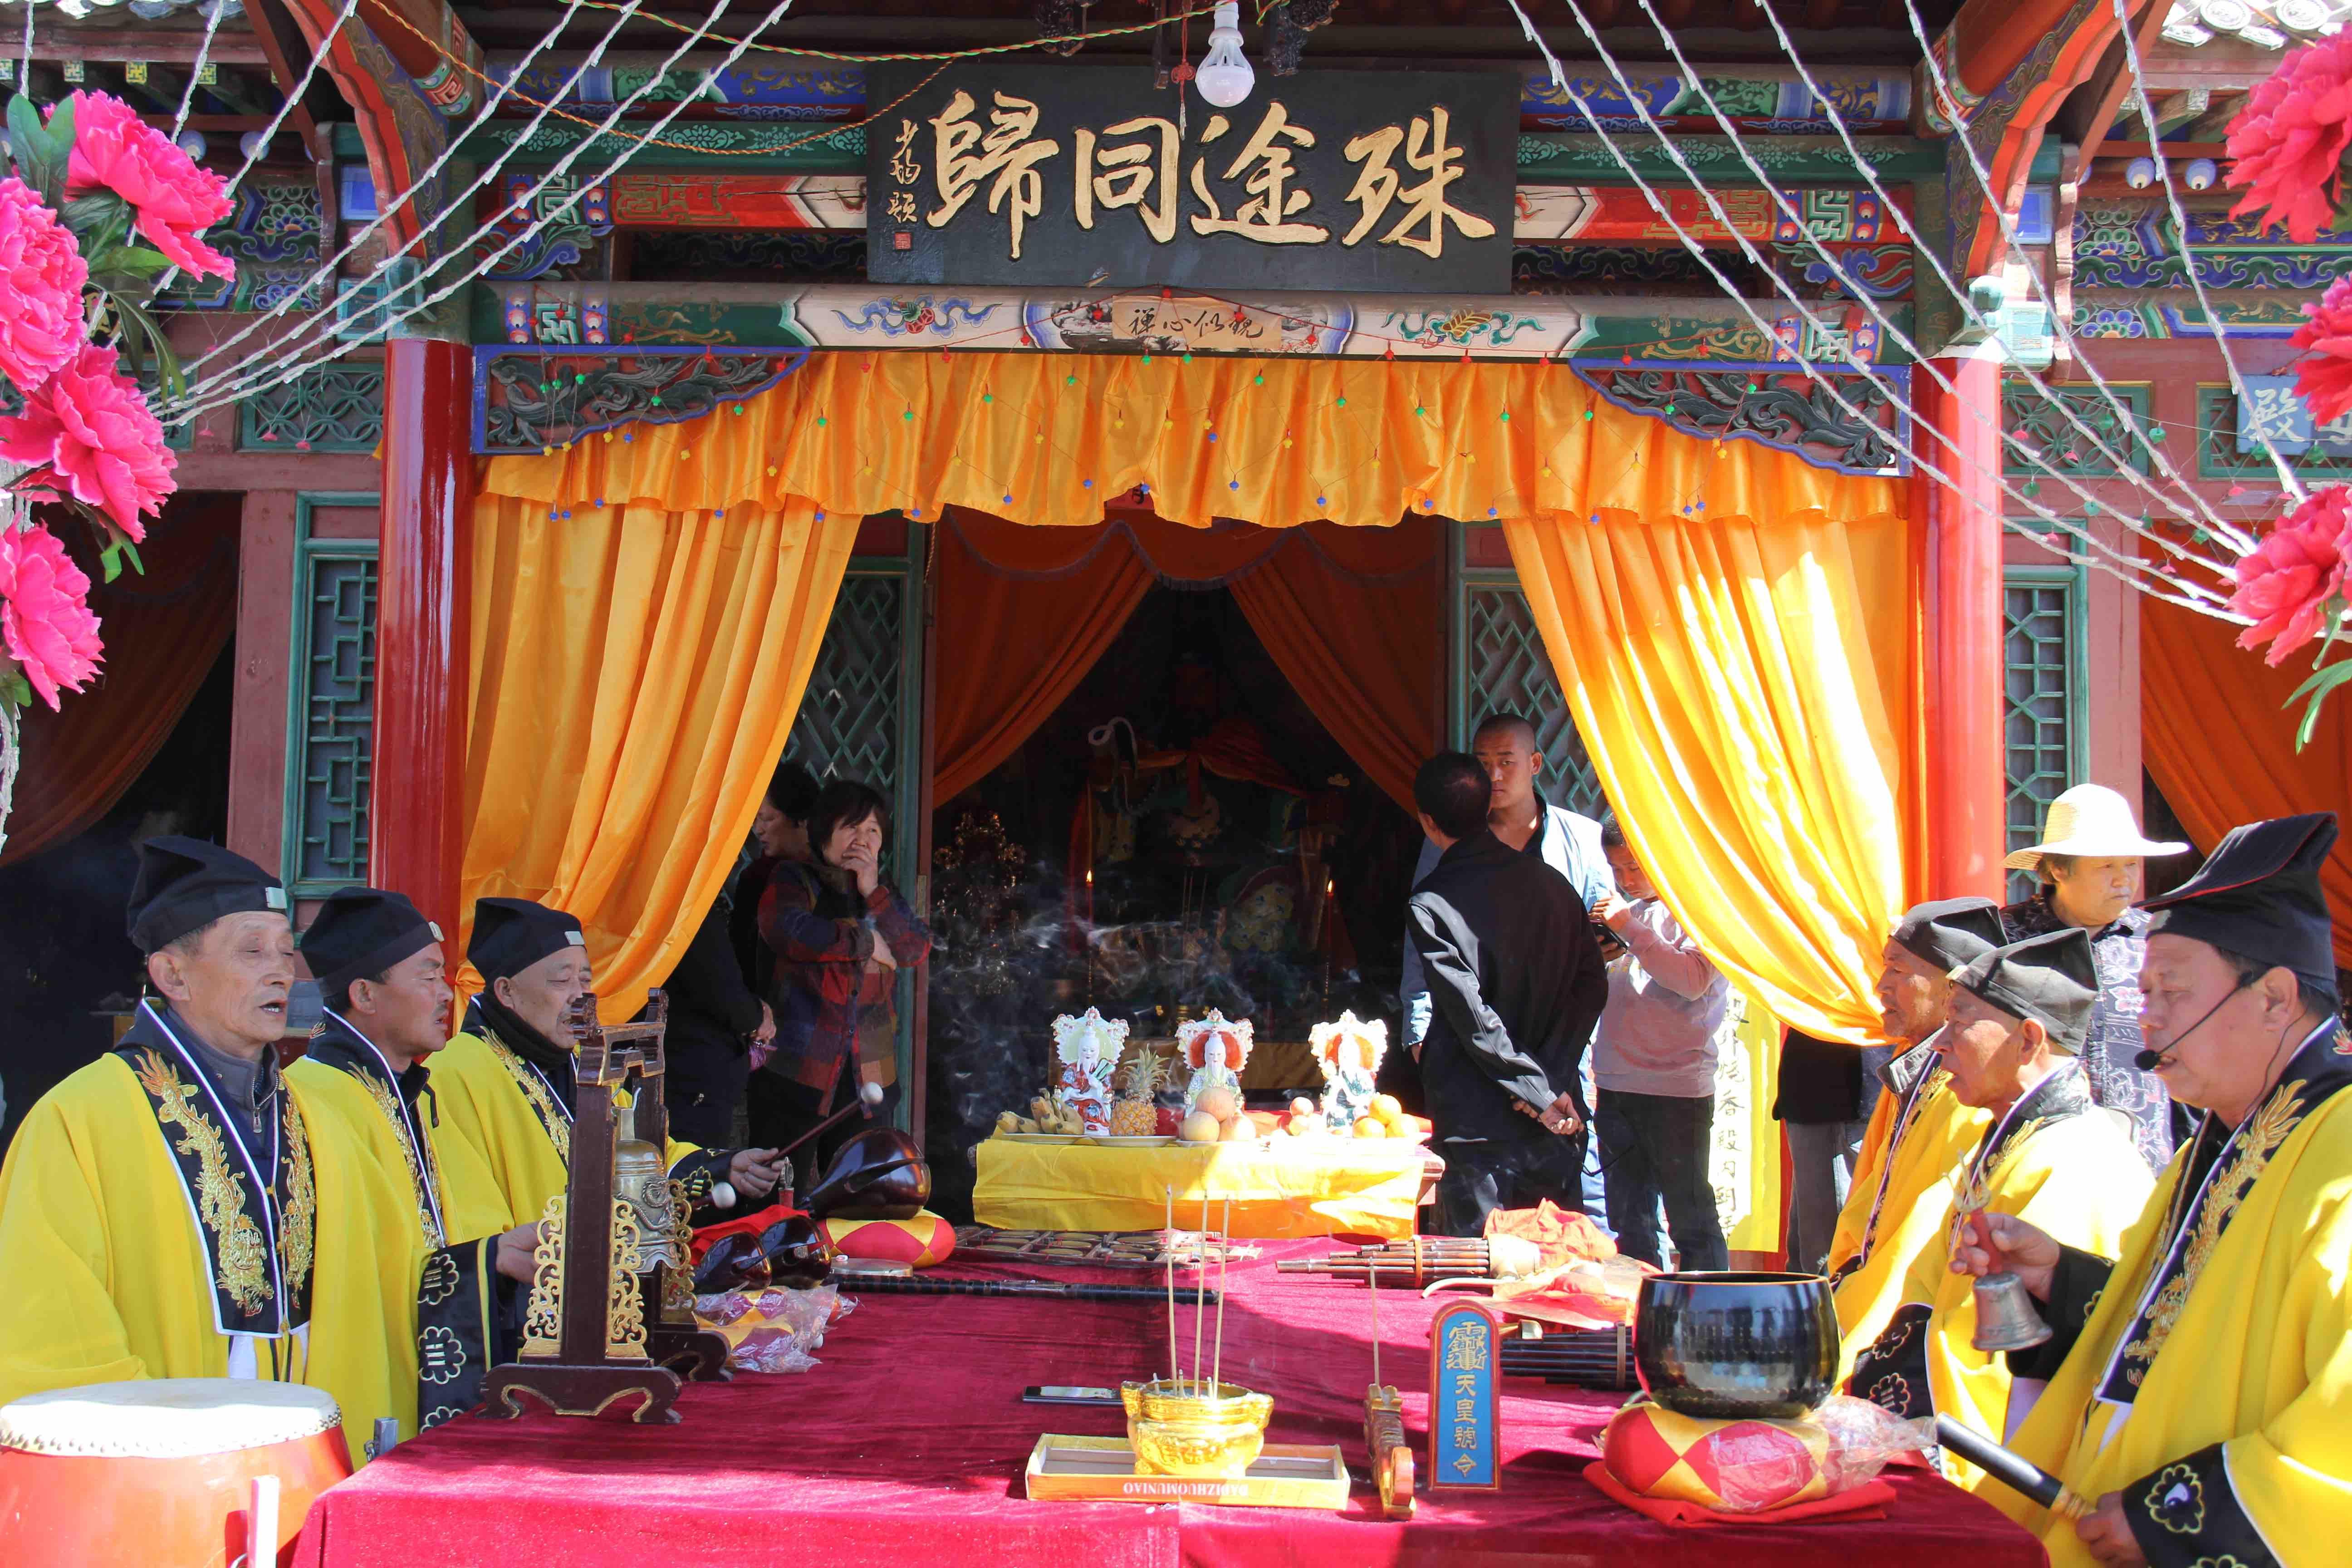 Guangling kaiguang